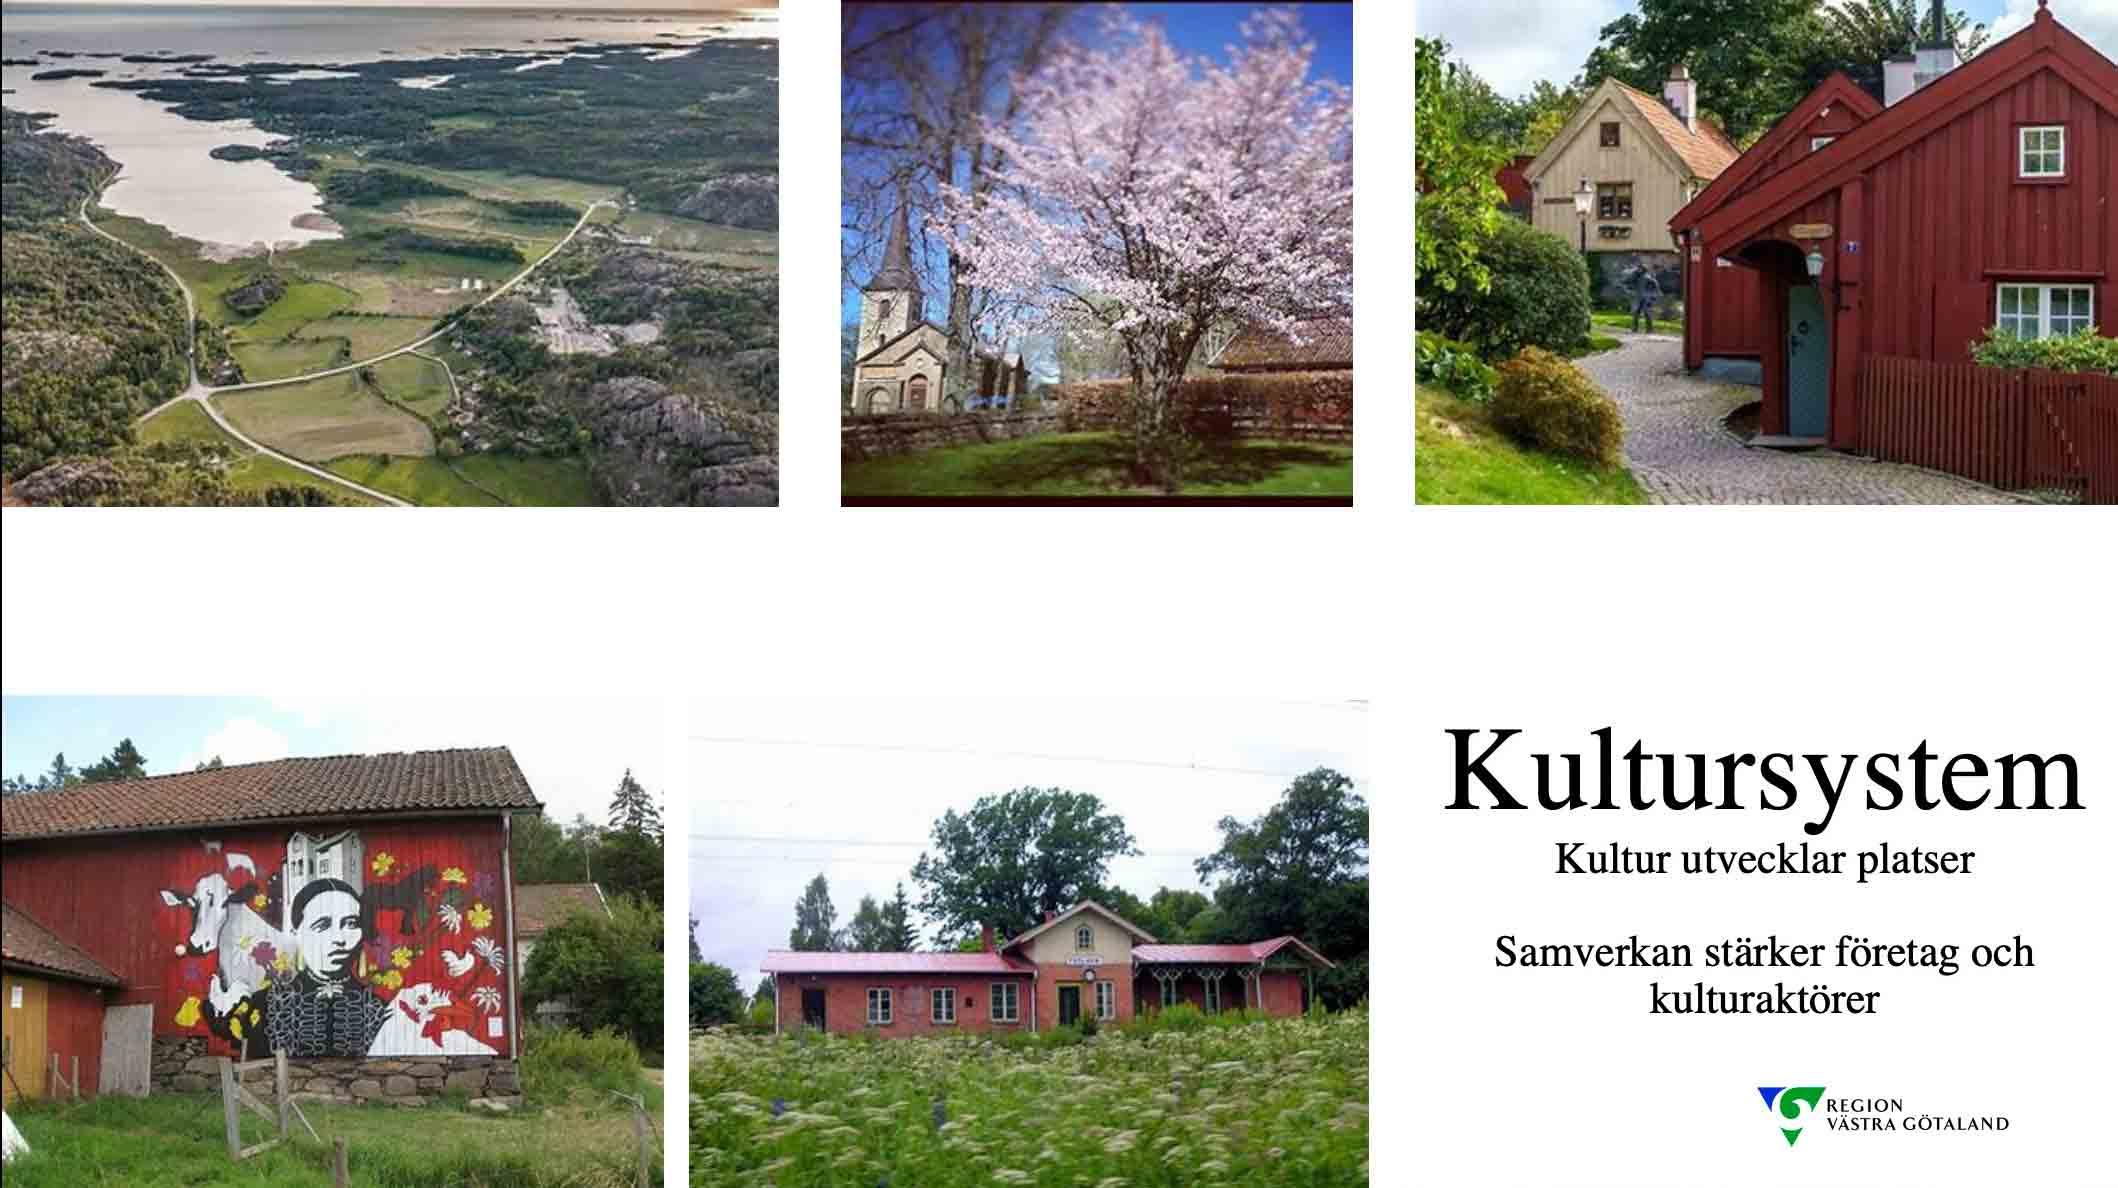 Kultursystem i Västra Götaland